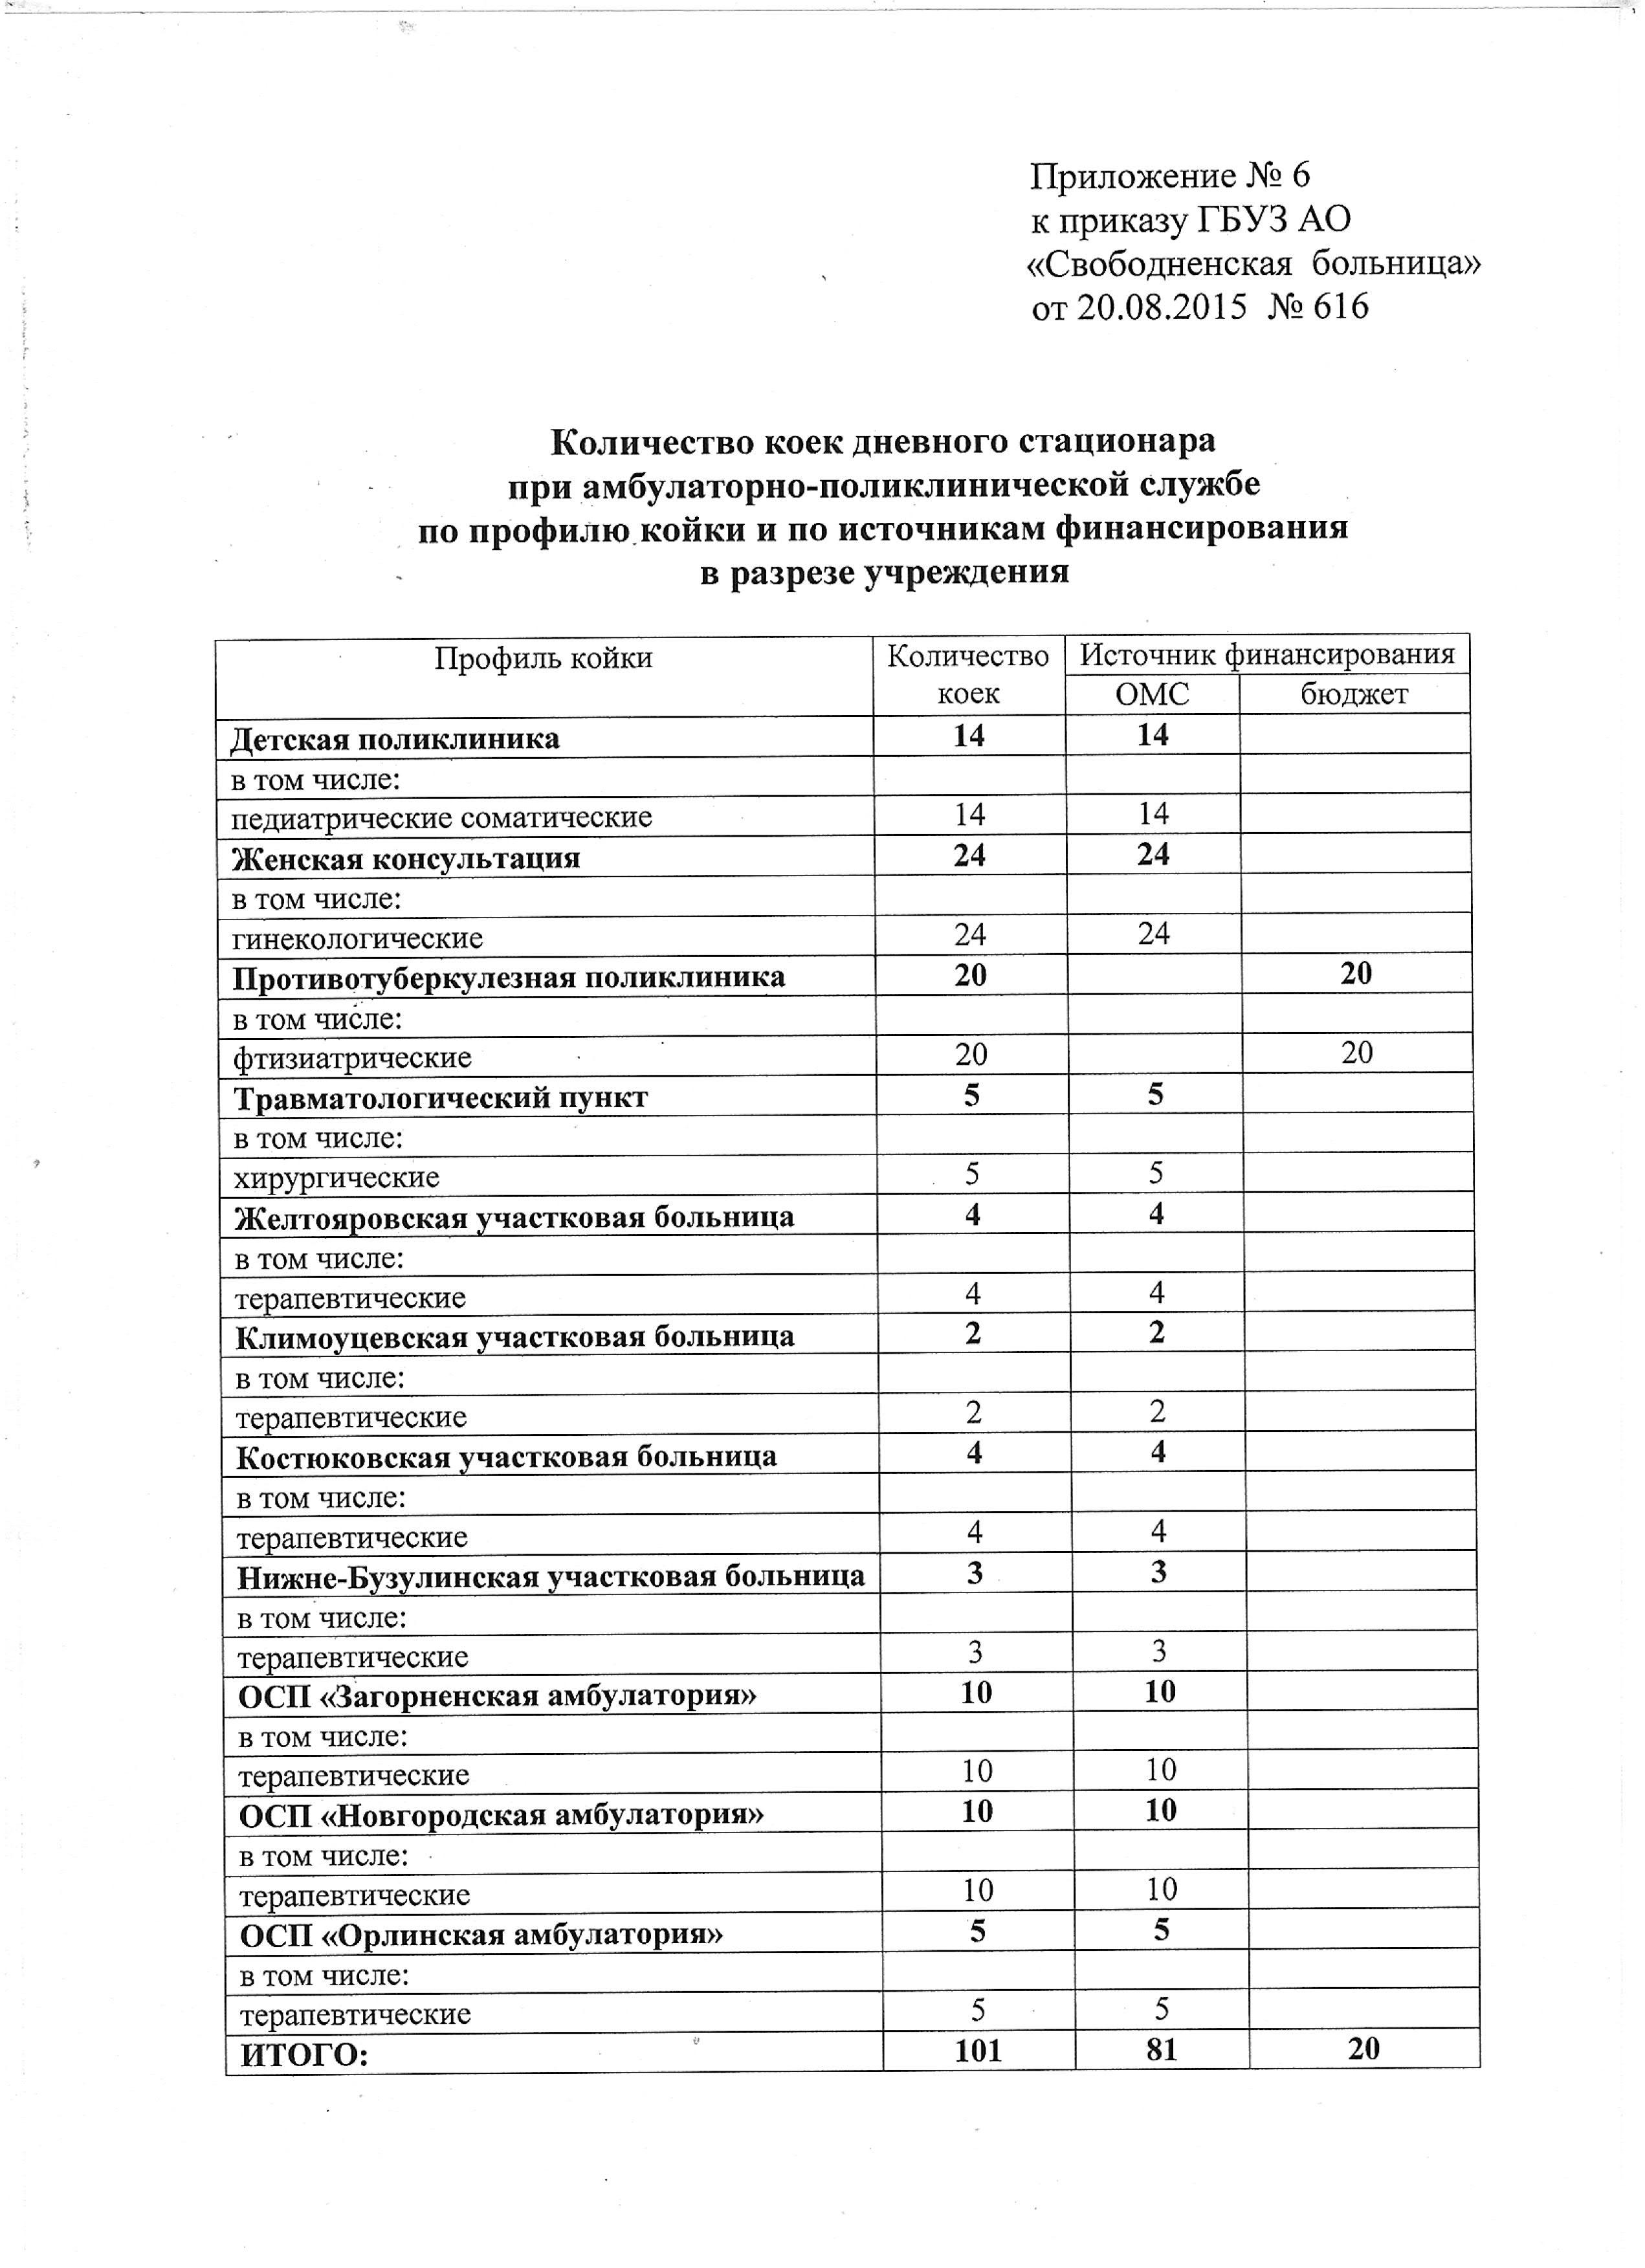 Номер регистратуры 1 поликлиники череповца